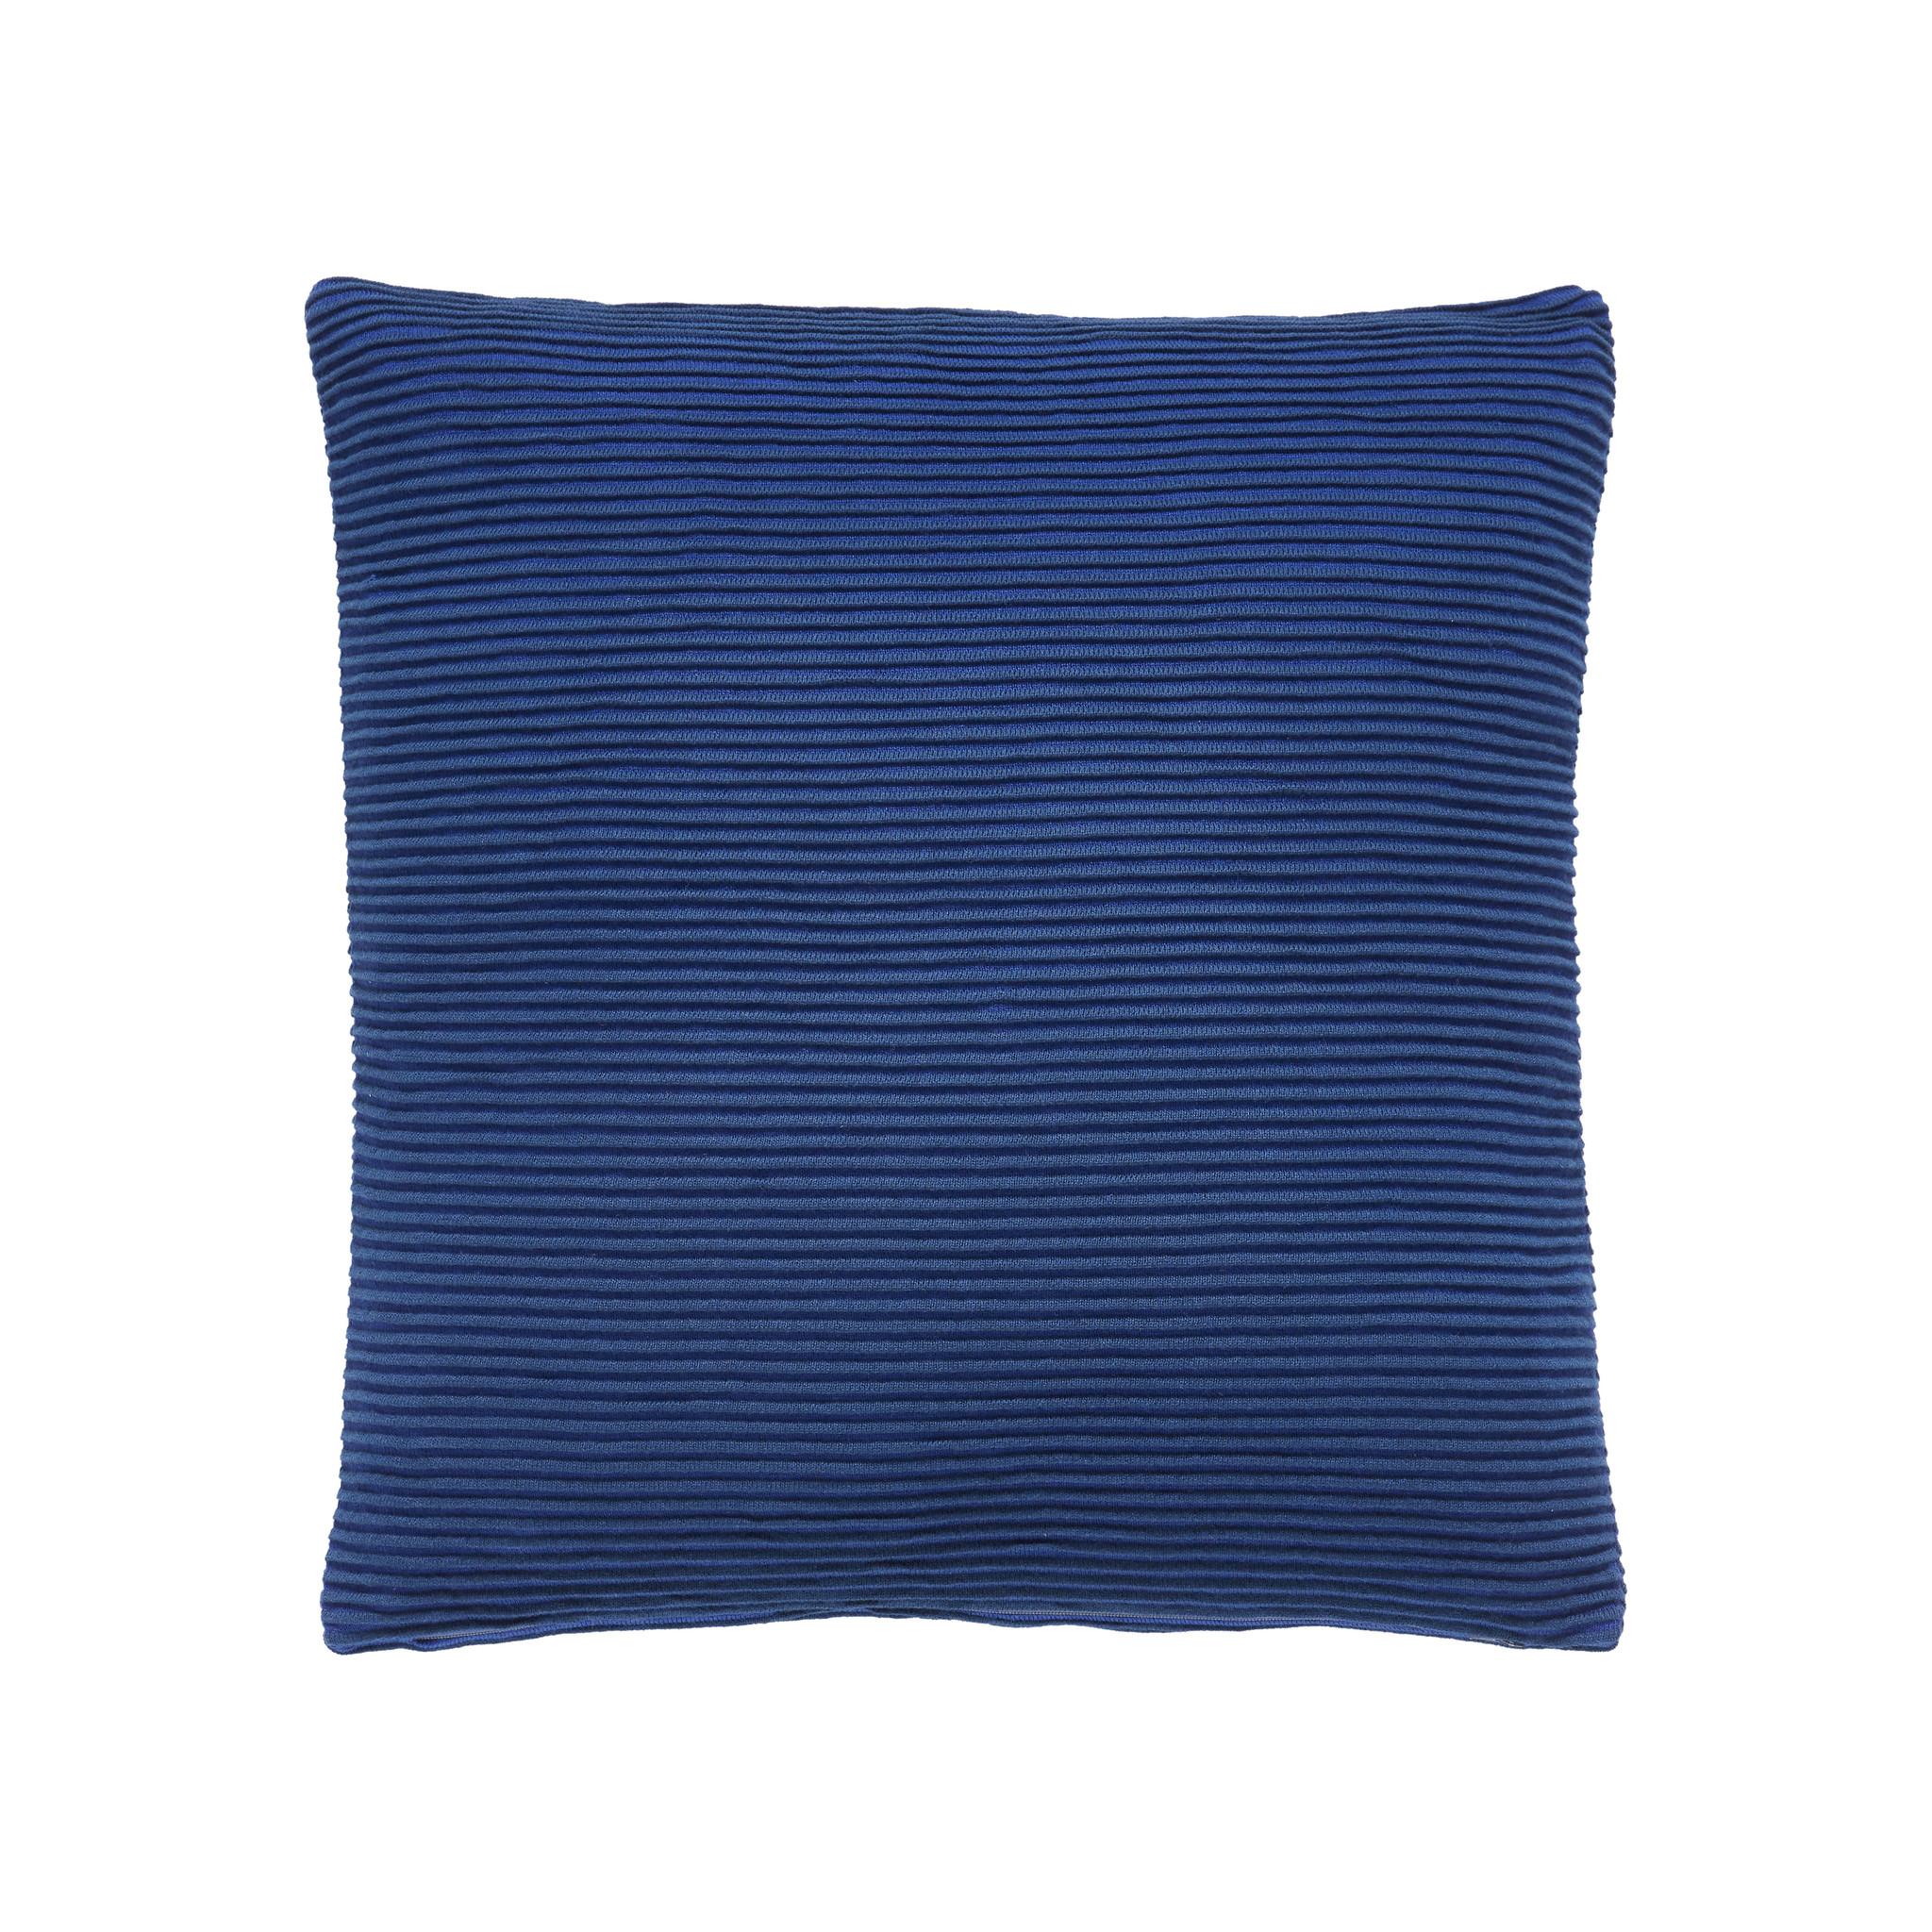 Hubsch Kussen met patroon / vuller, katoen, blauw